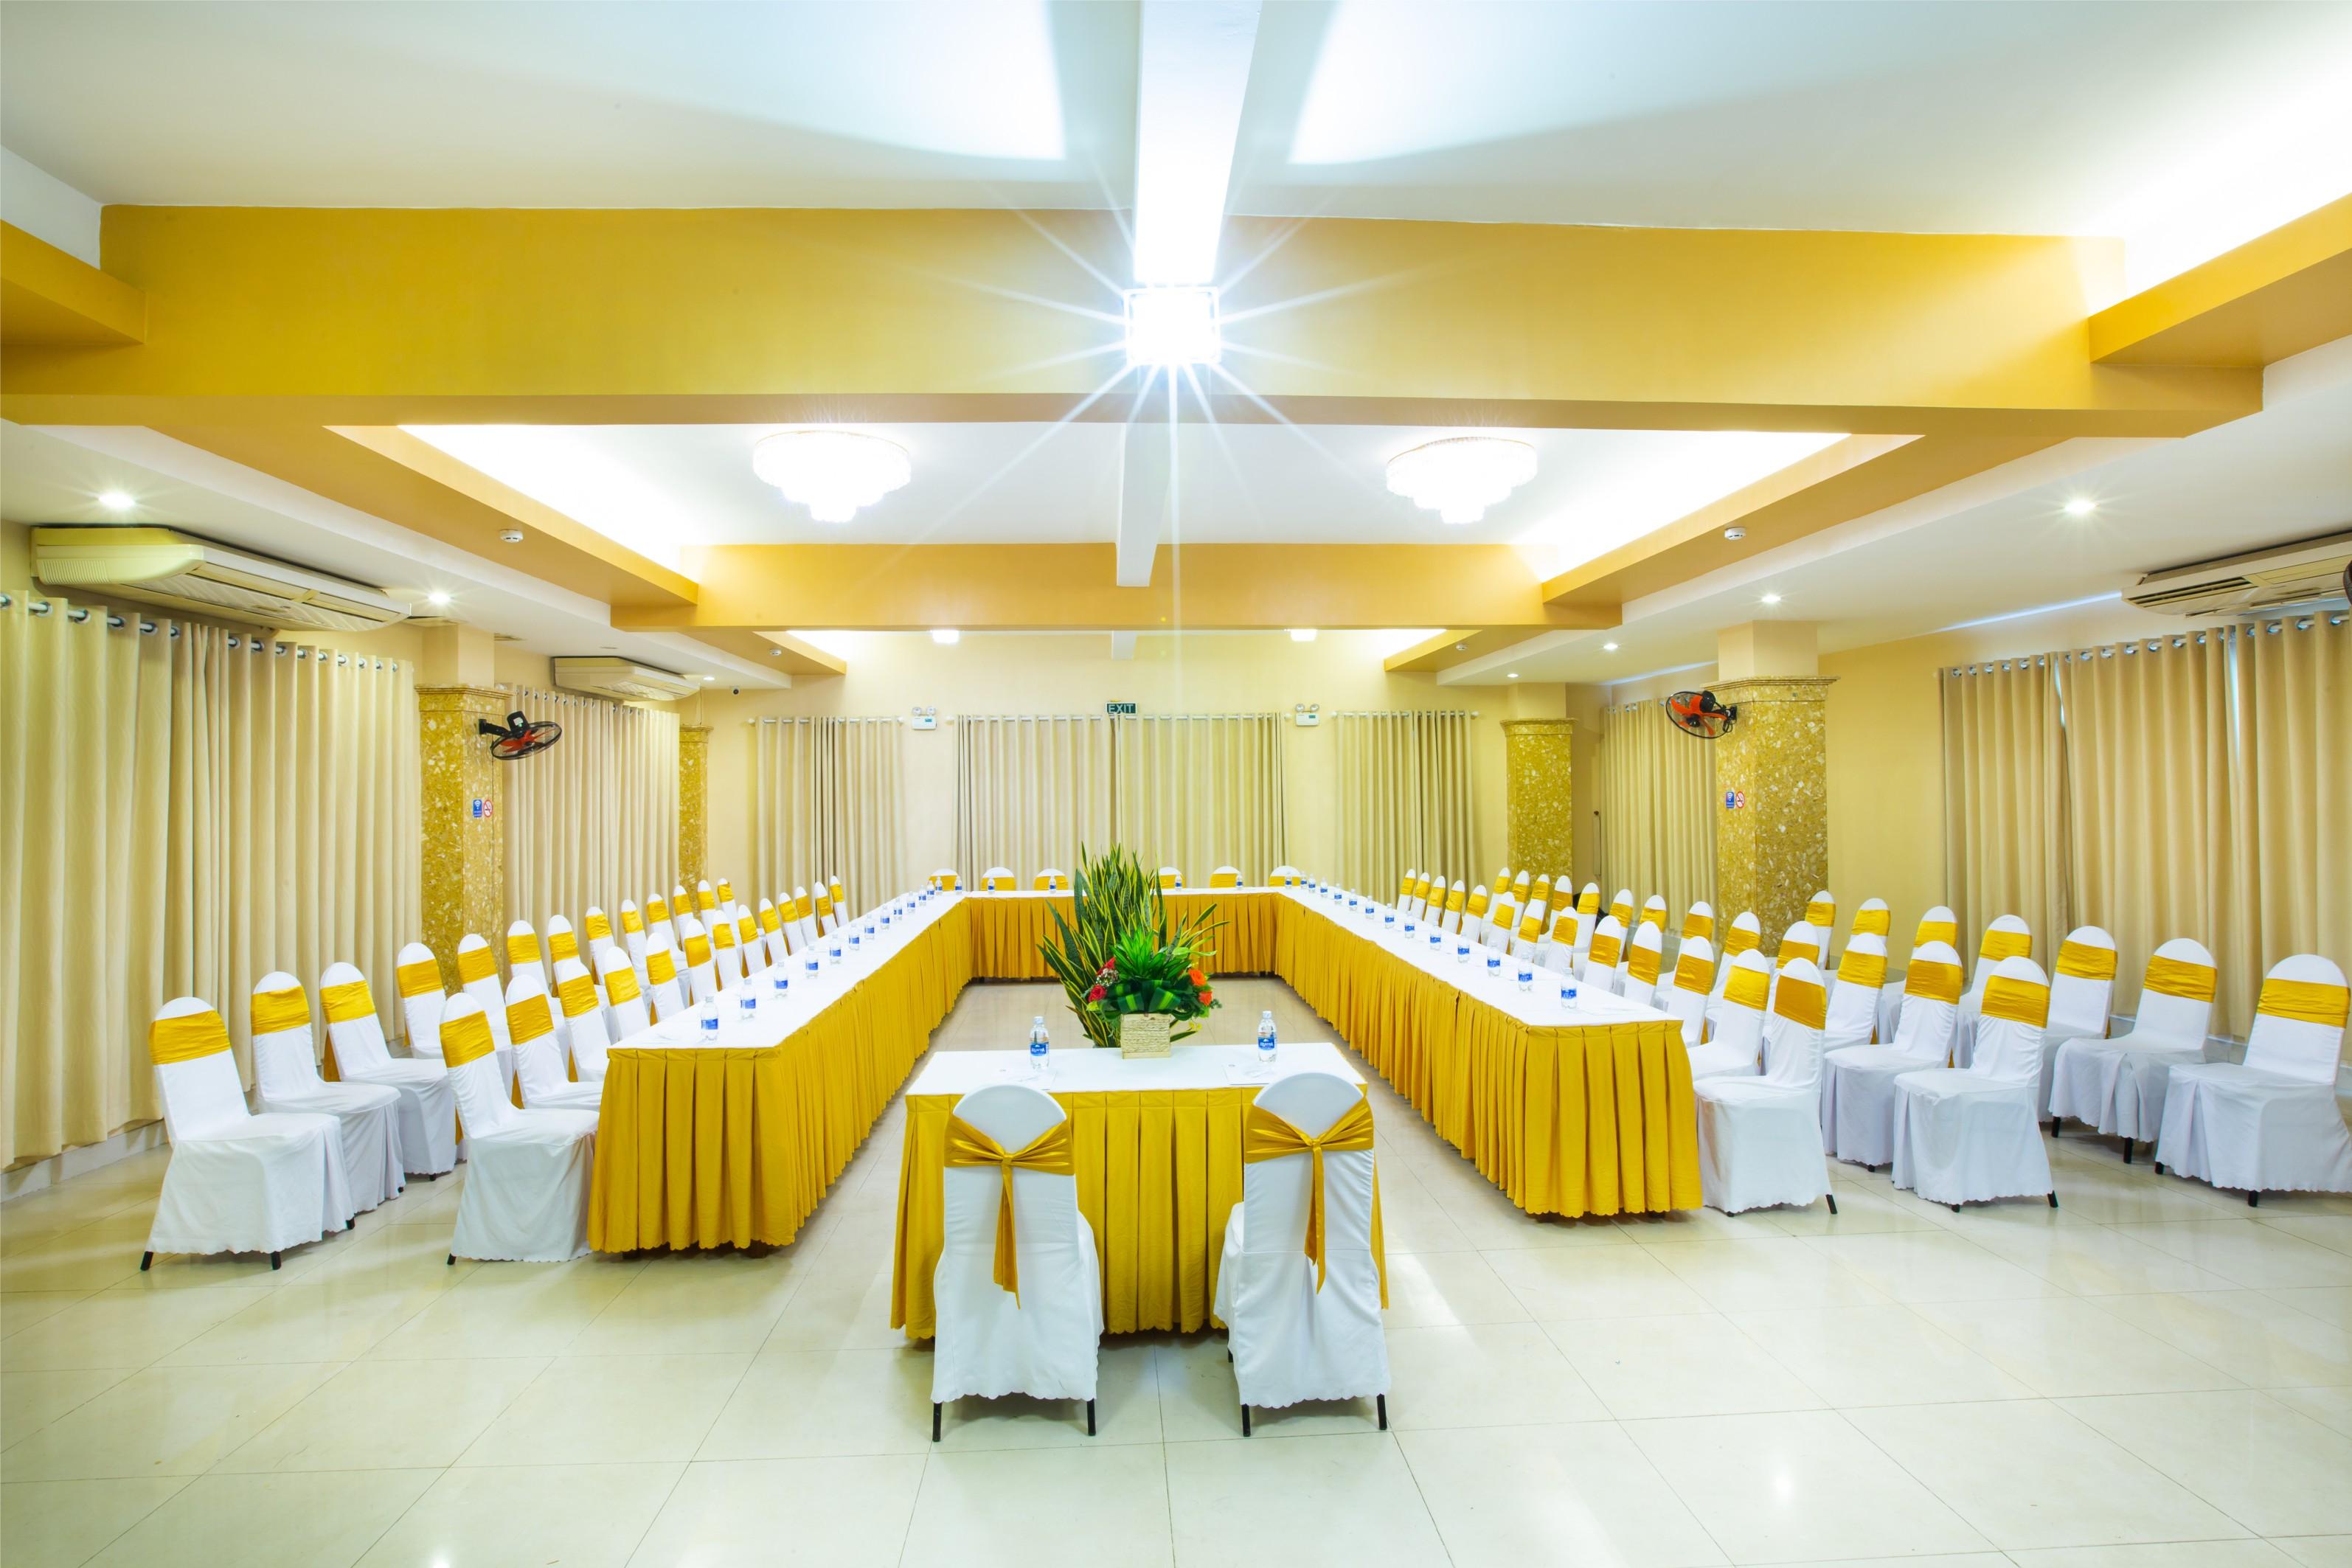 Tổ chức hội thảo tại khách sạn Hòa Bình Phú Quốc